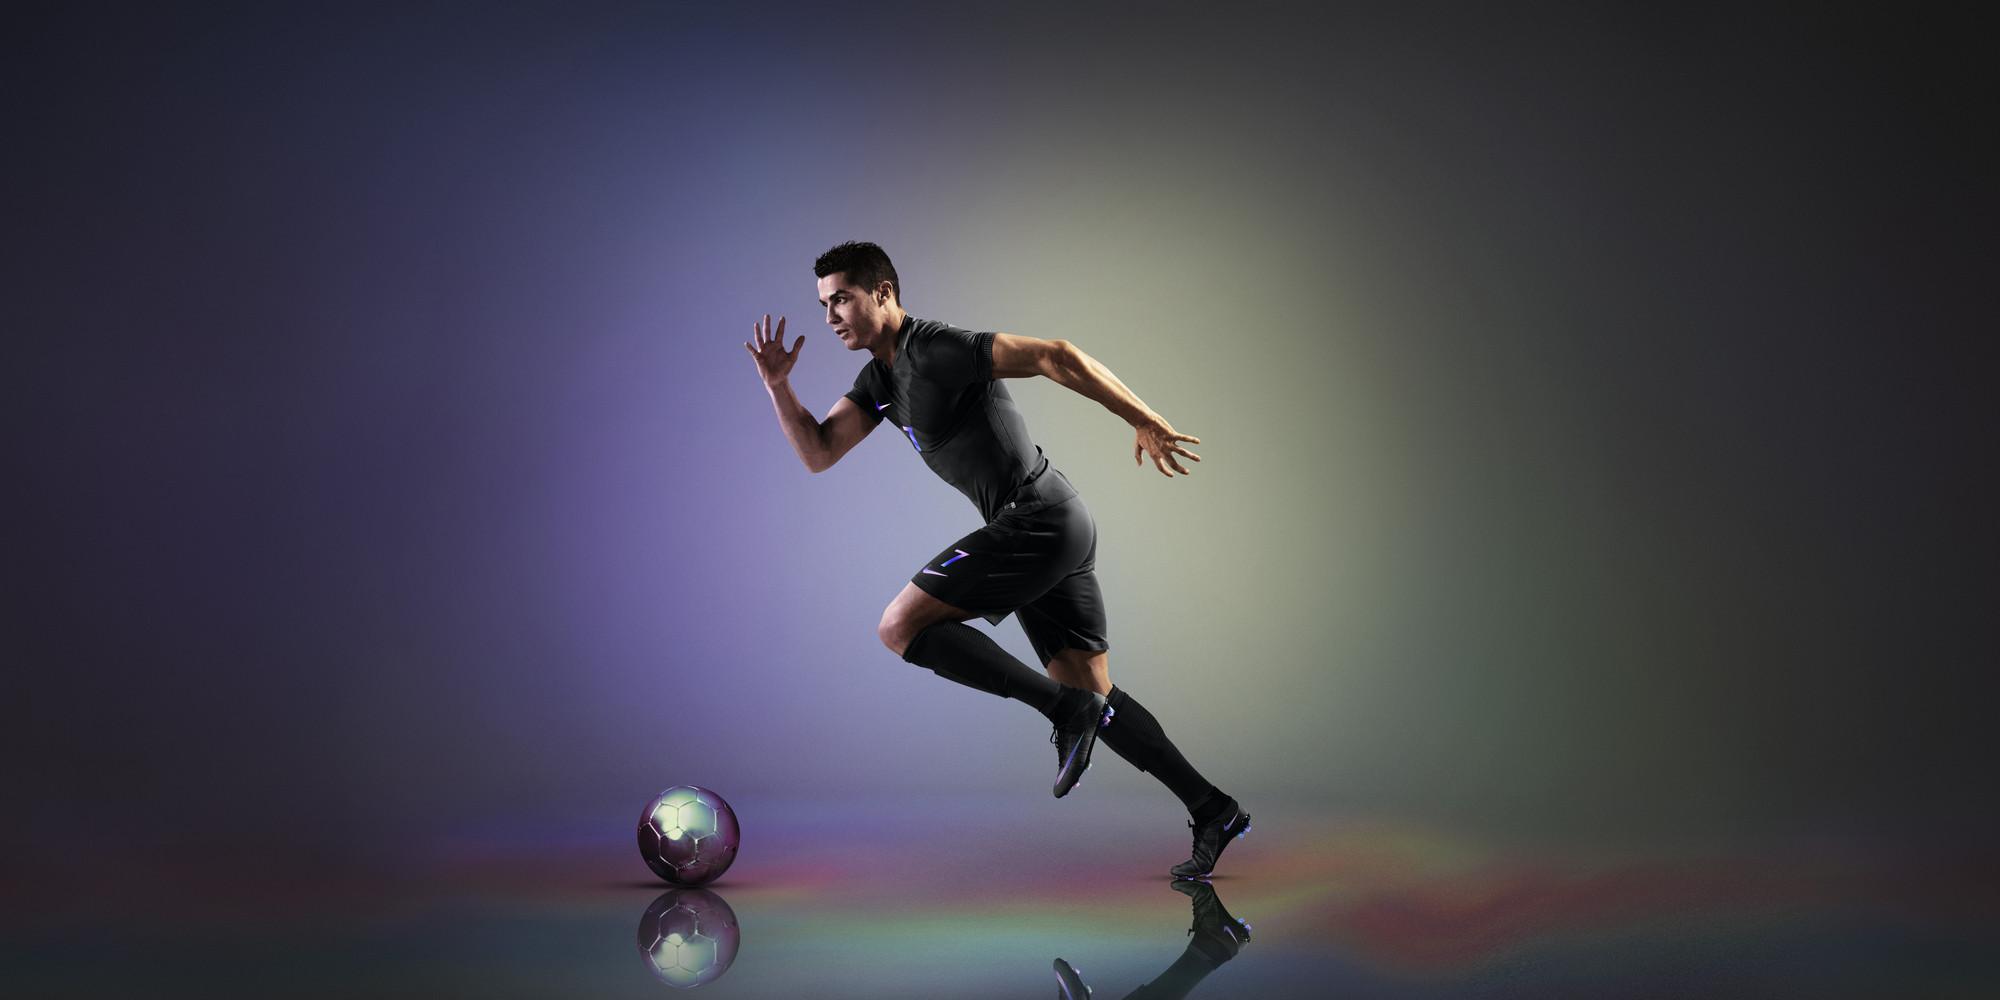 Nike_Vapor_Kit_with_AeroSwift_Technology_Cristiano_Ronaldo_54317